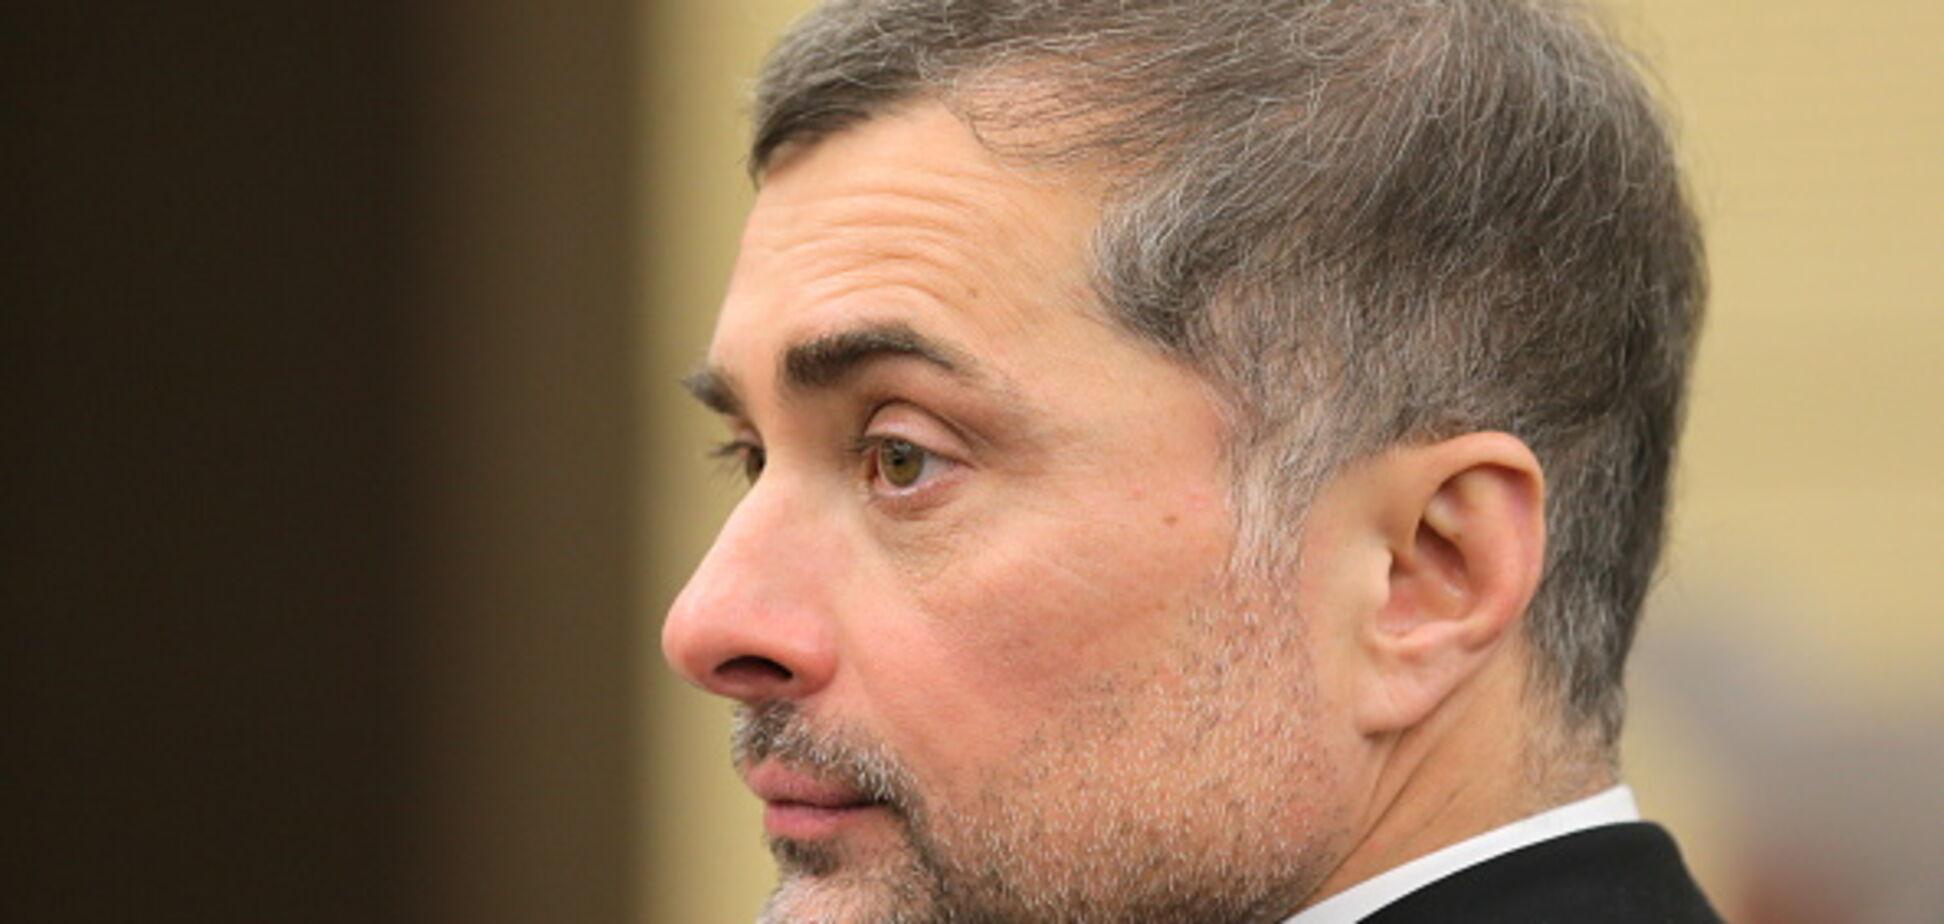 'Выпьем за армию нашу могучую': Сурков поздравил террористов 'Л/ДНР' с 23 февраля